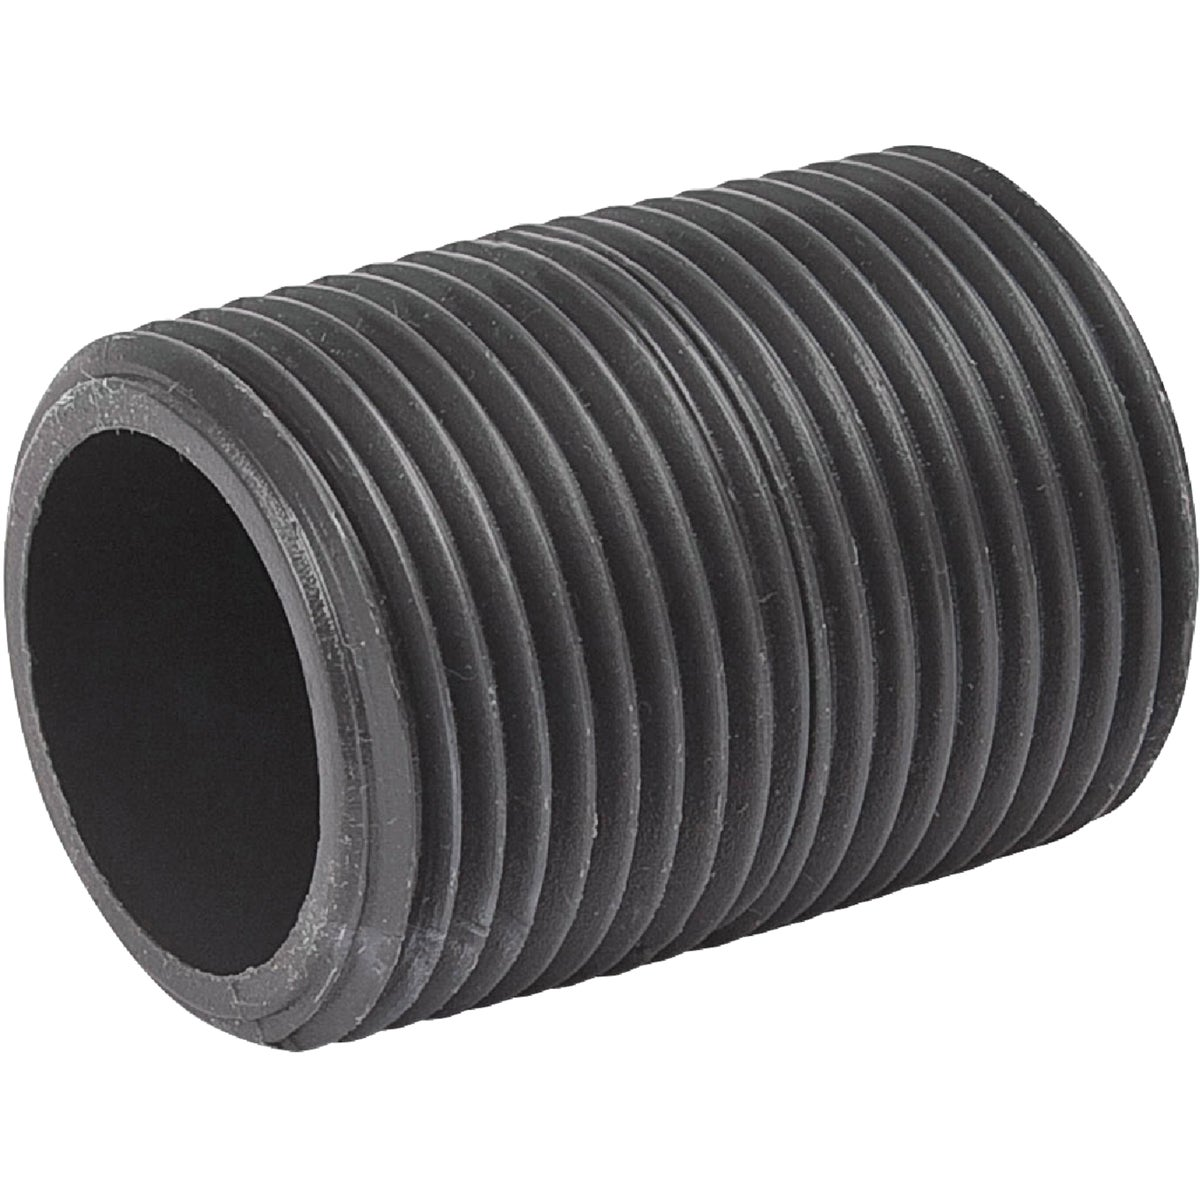 1/2XCL PVC NIPPLE - 403-001 by Mueller B K